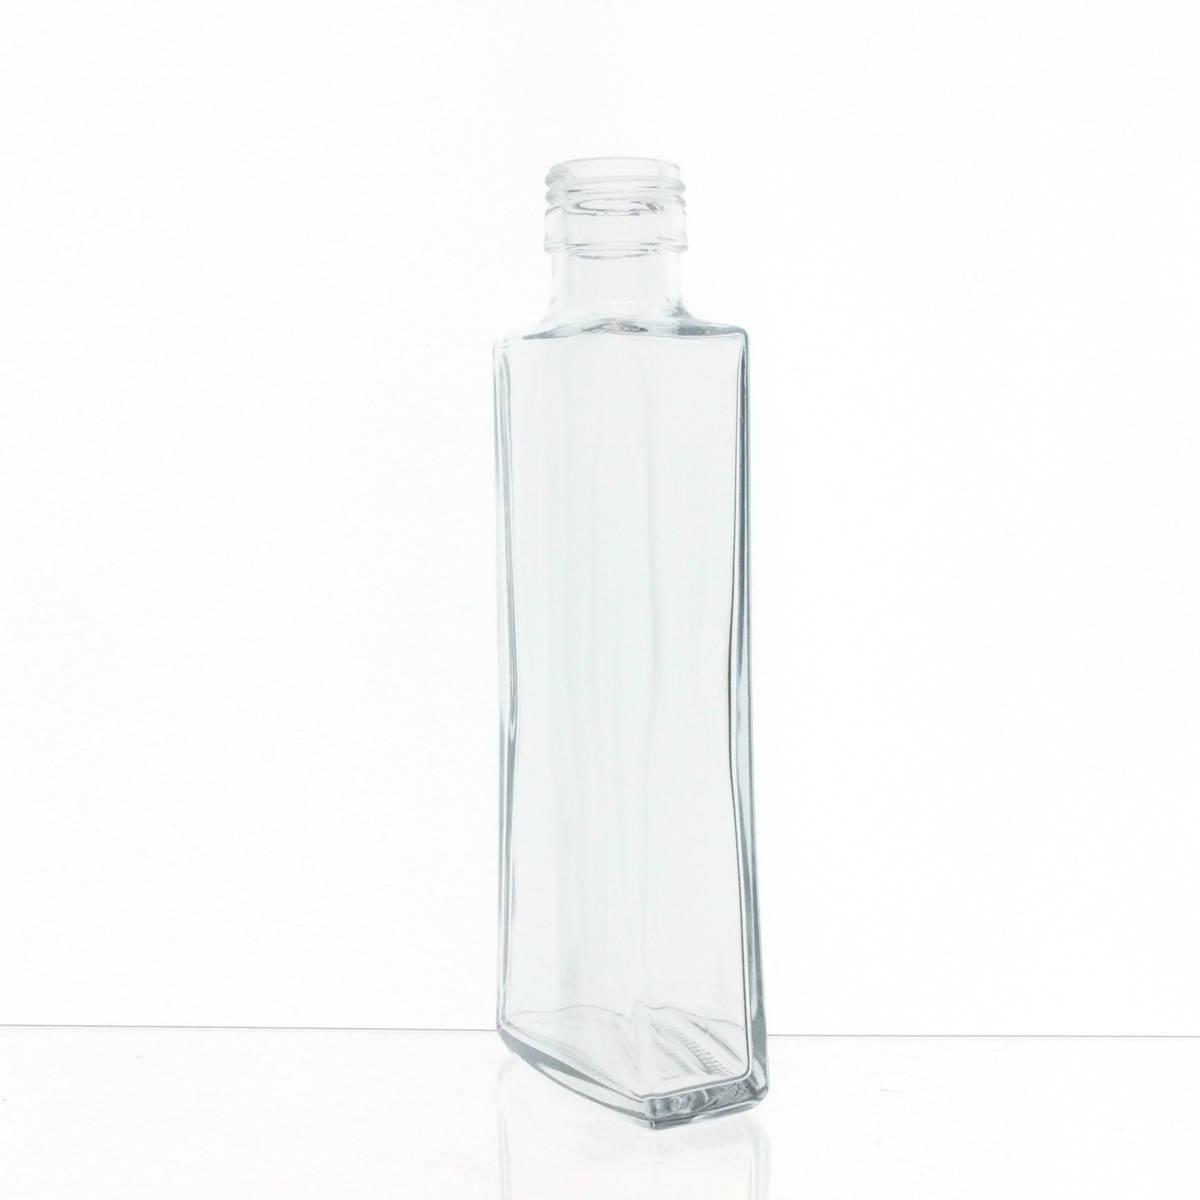 ハーバリウム瓶 ボード200ml 12本 ☆☆_画像2